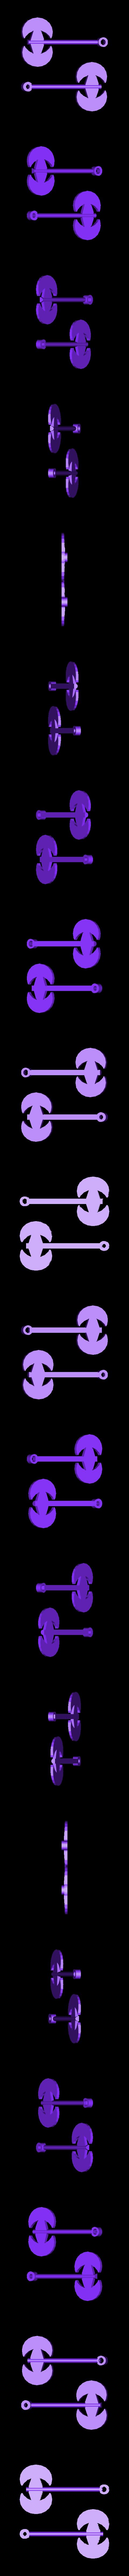 TortureTrap_Split_Swinging_Axe.stl Télécharger fichier STL gratuit TortureTrap : une extension du piège à souris • Objet pour impression 3D, mrhers2